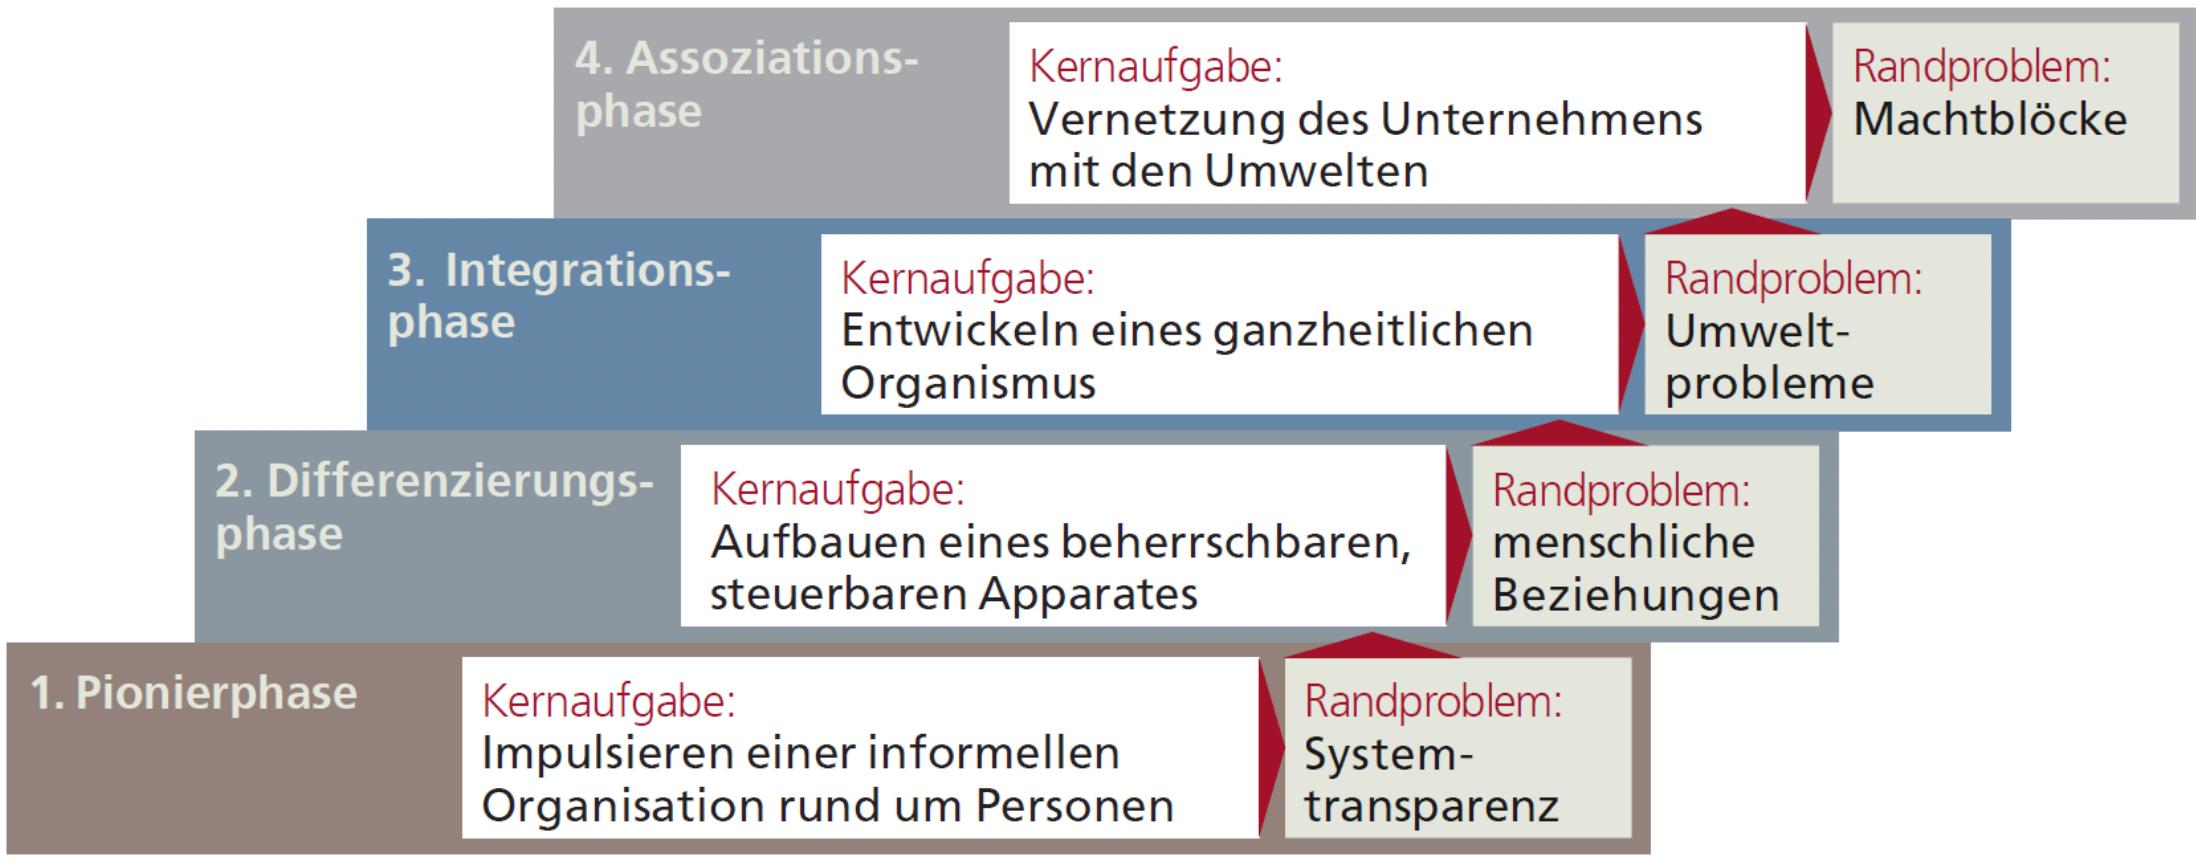 Grafik 2: Die Entwicklungsphasen von Organisationen